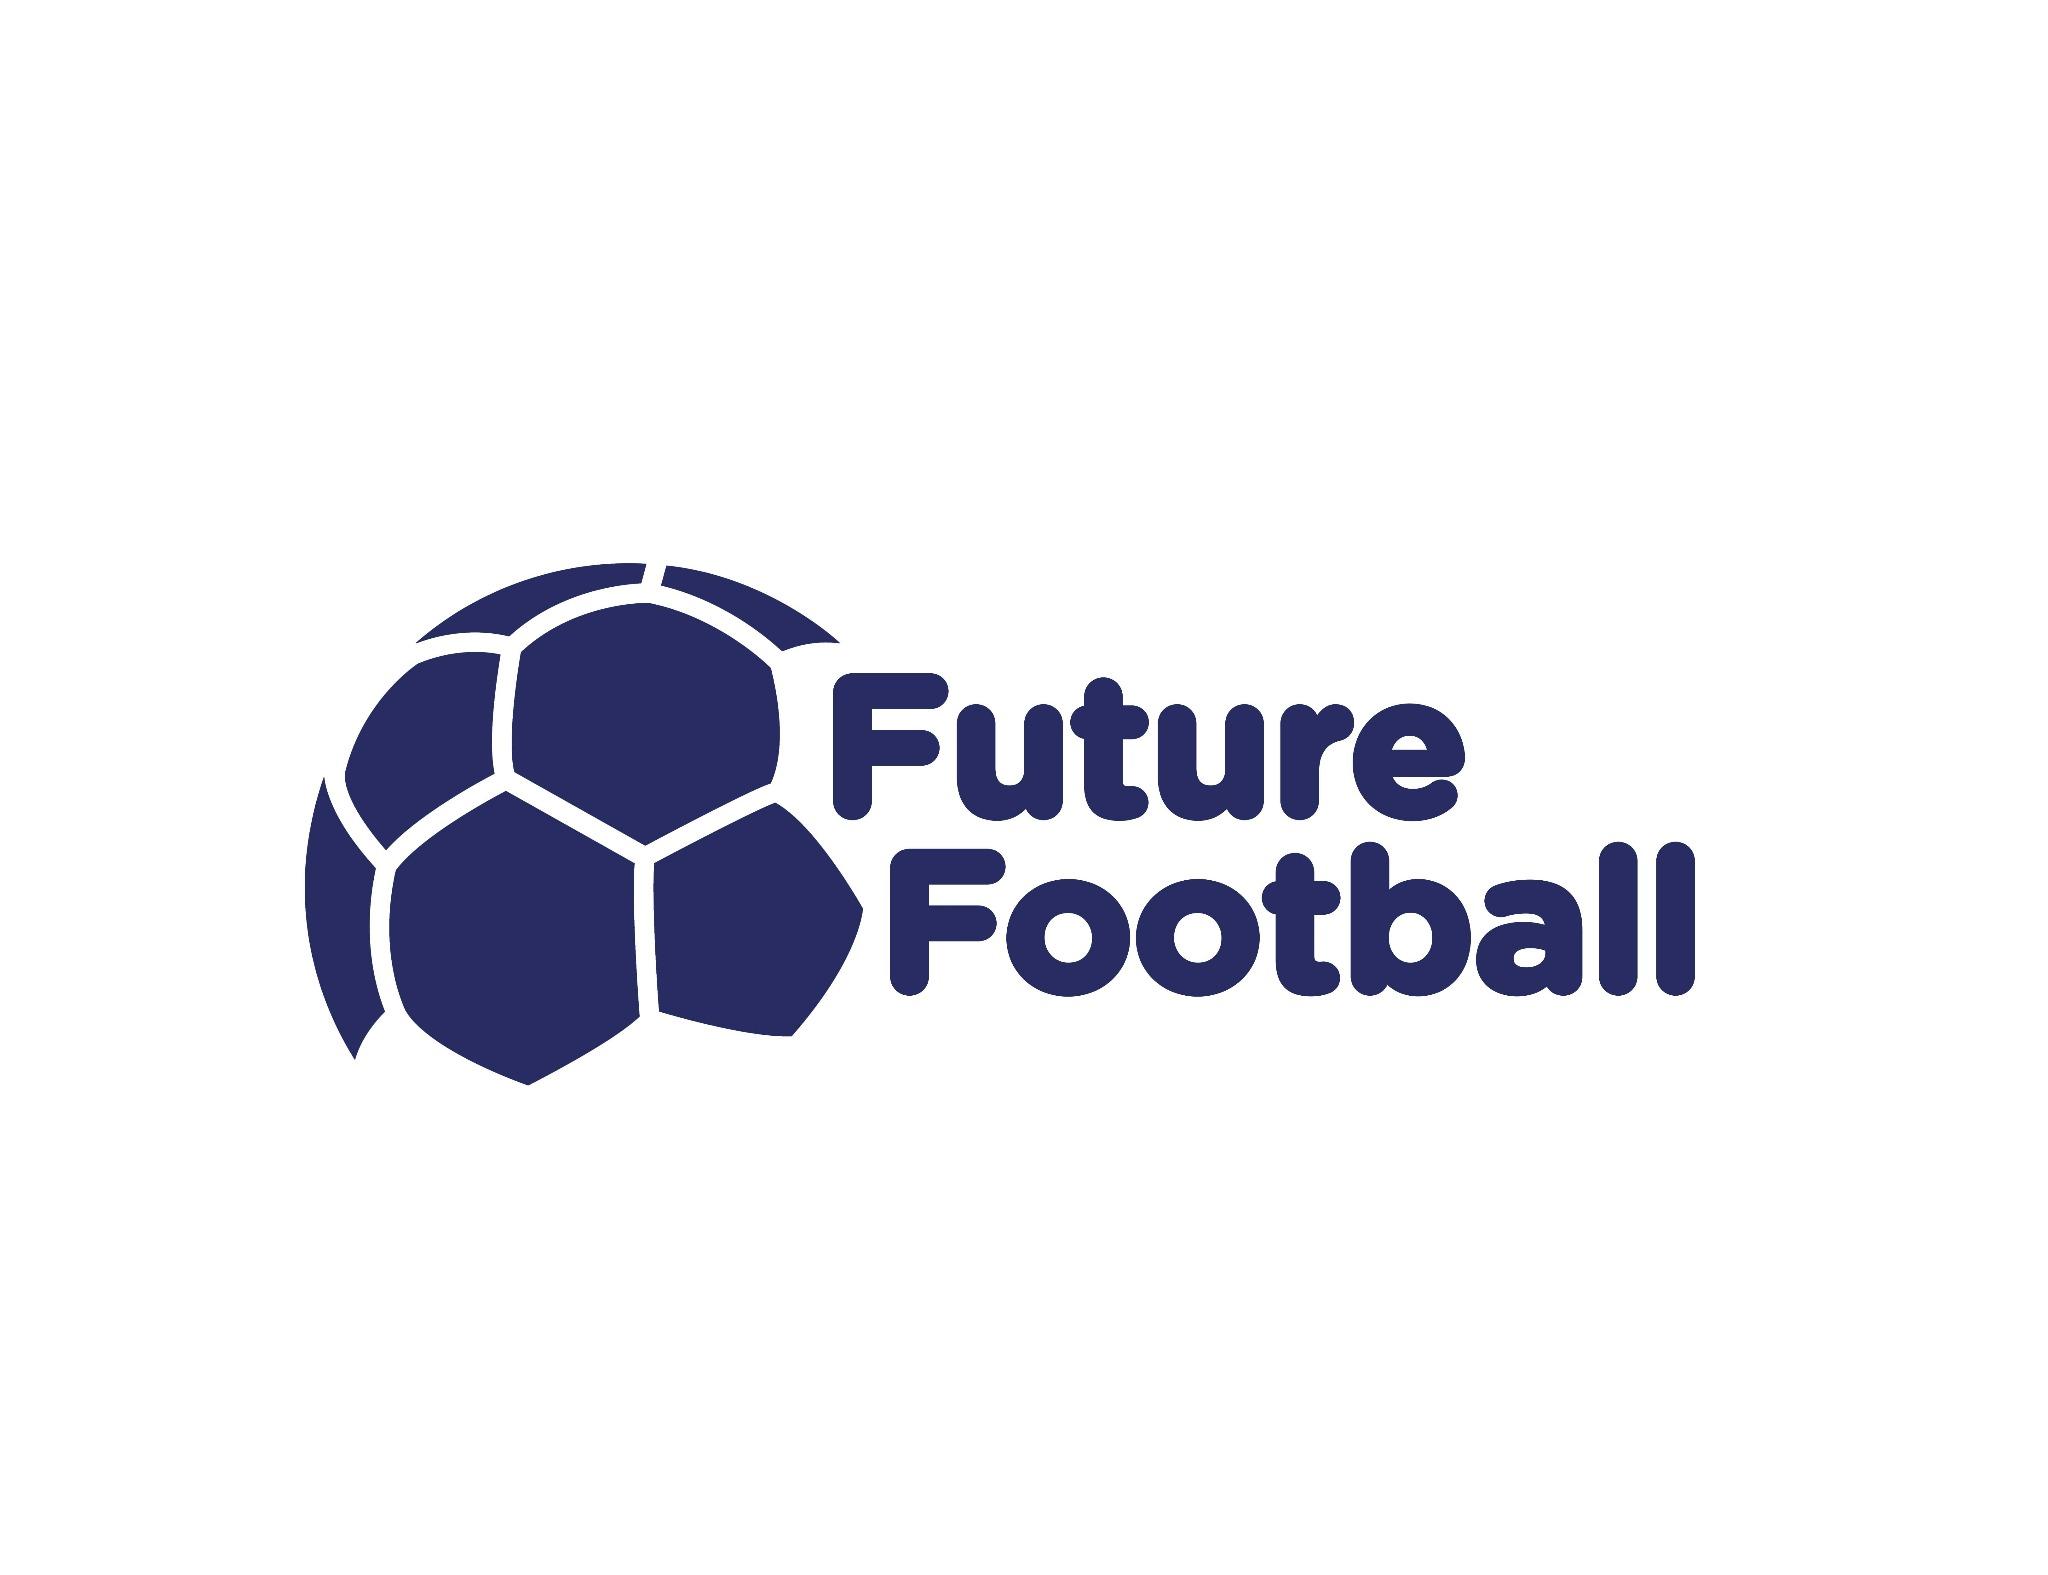 Future Football